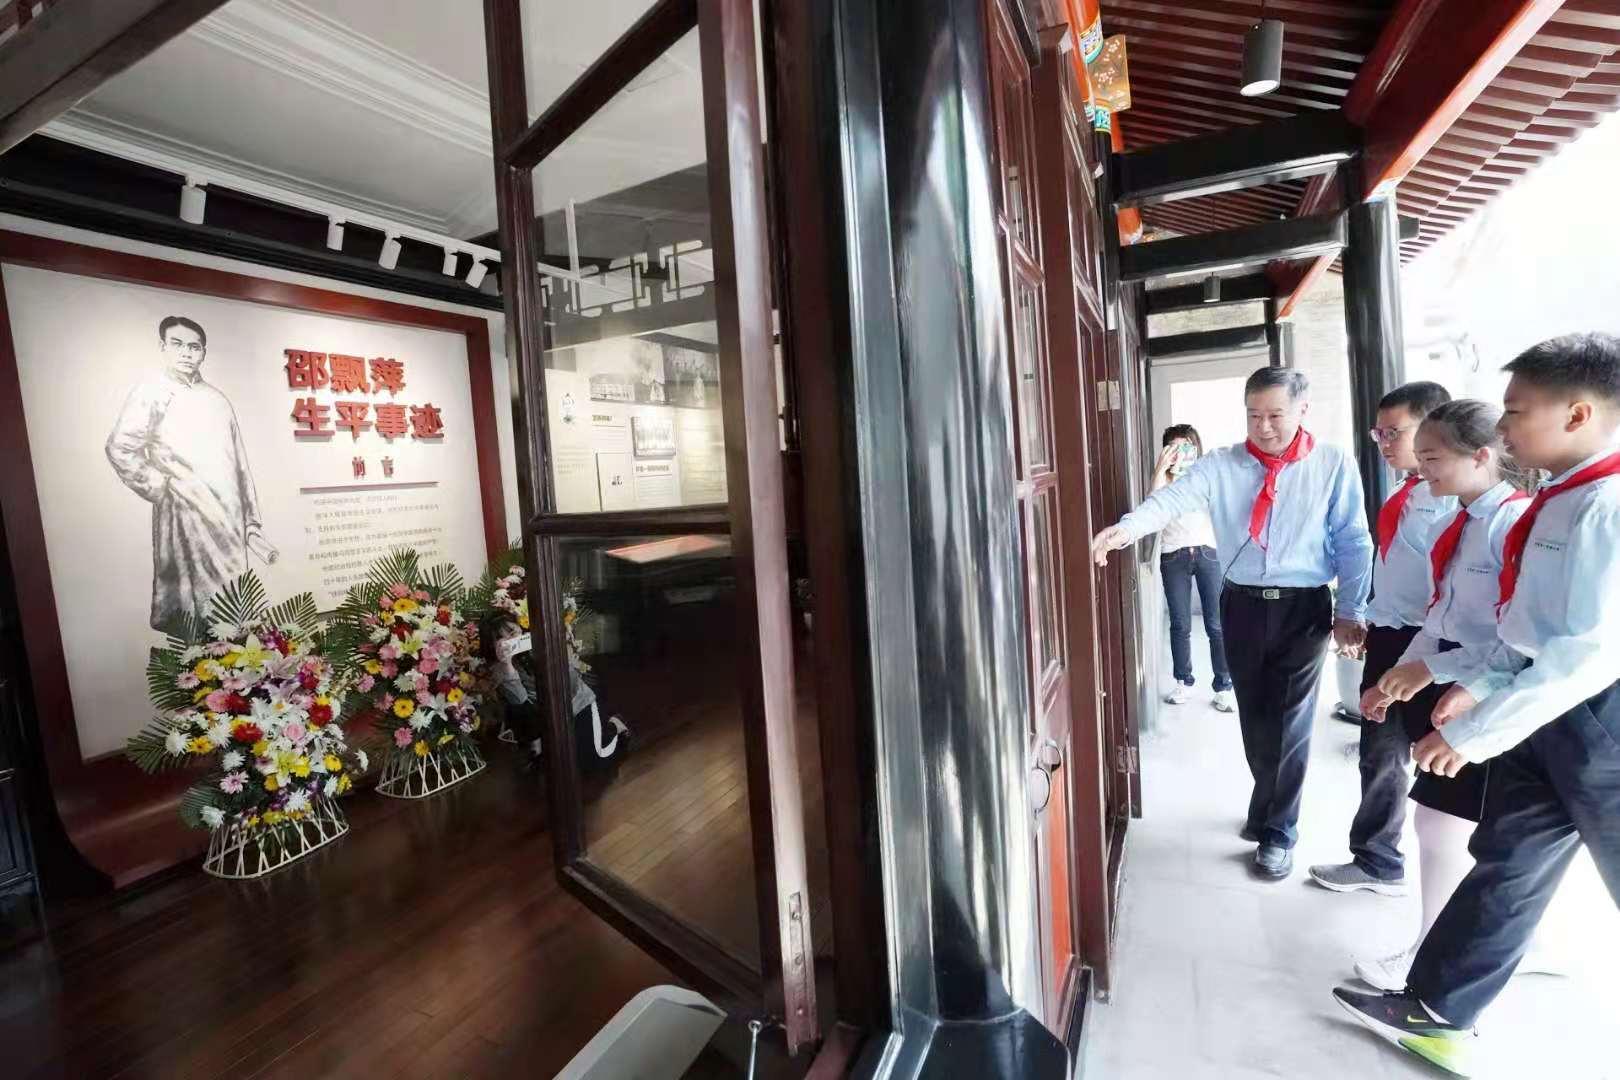 再现一代报人风骨!京报馆旧址正式对外开放